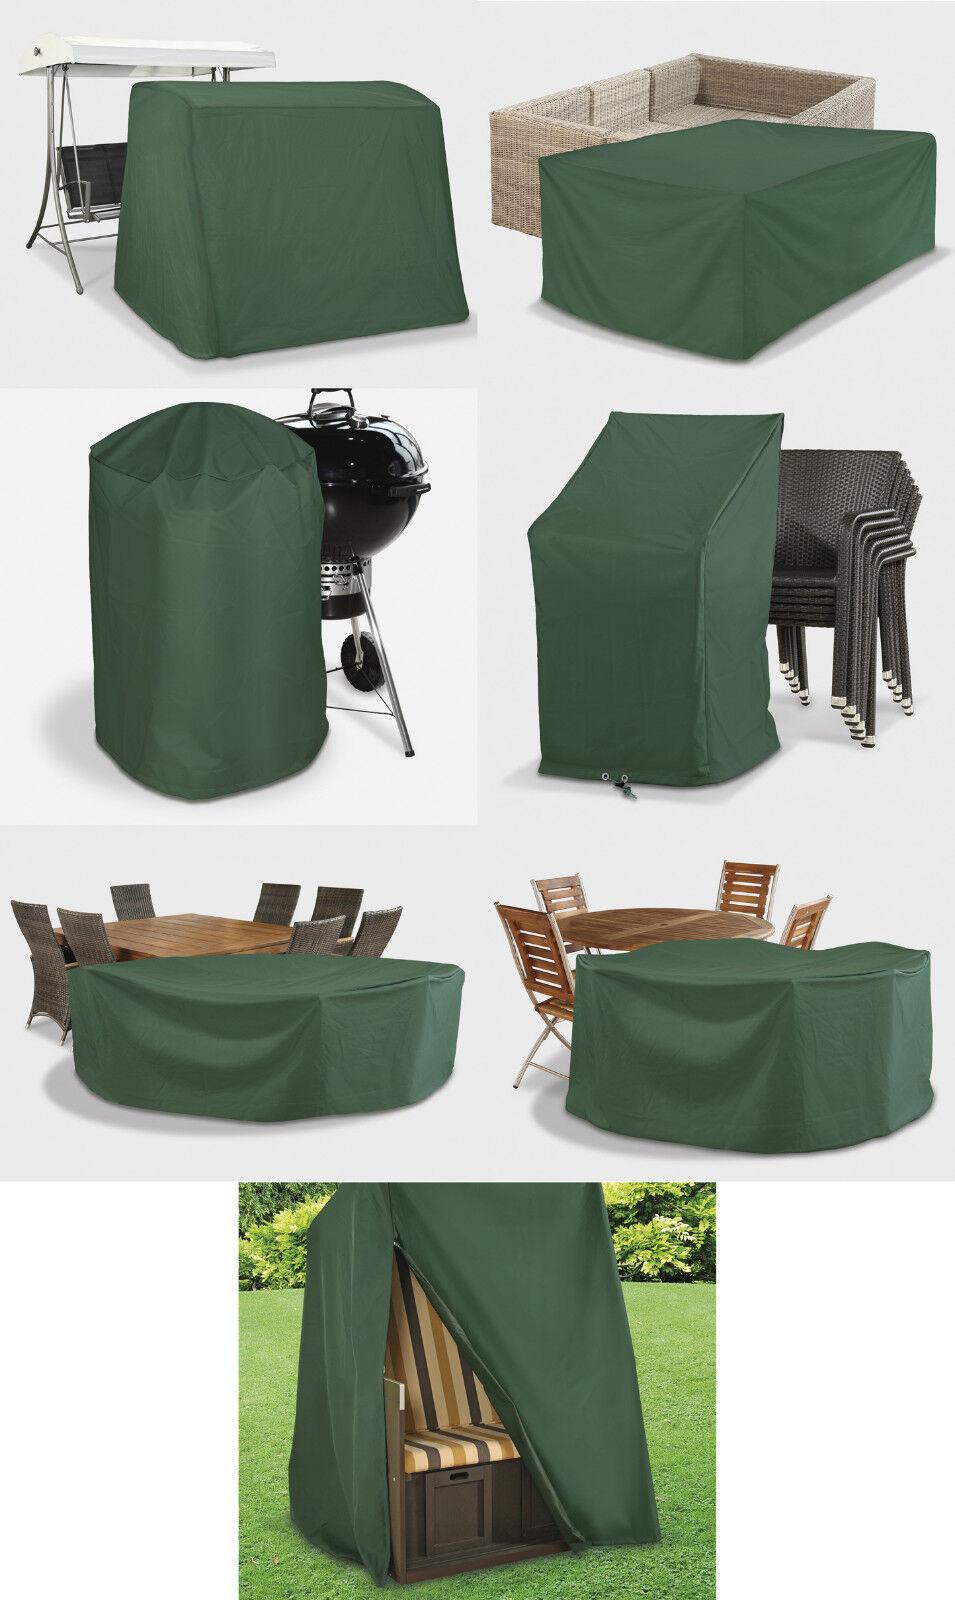 Wehncke Premium Schutzhülle Gartenmöbel Abdeckung Abdeckplane Sitzgruppe 420D